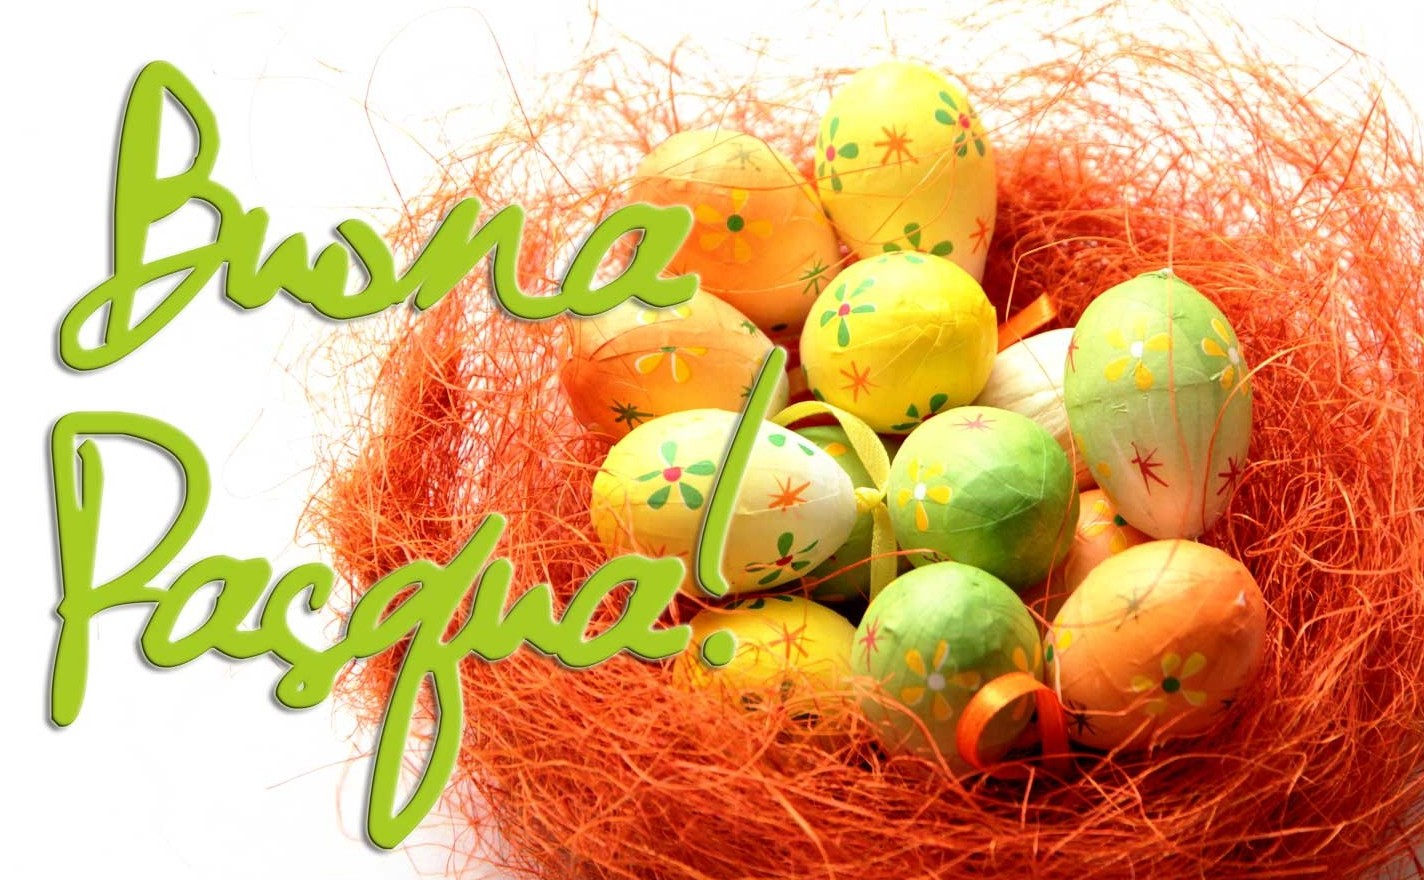 Auguri Buona Pasqua 2018: immagini, vide